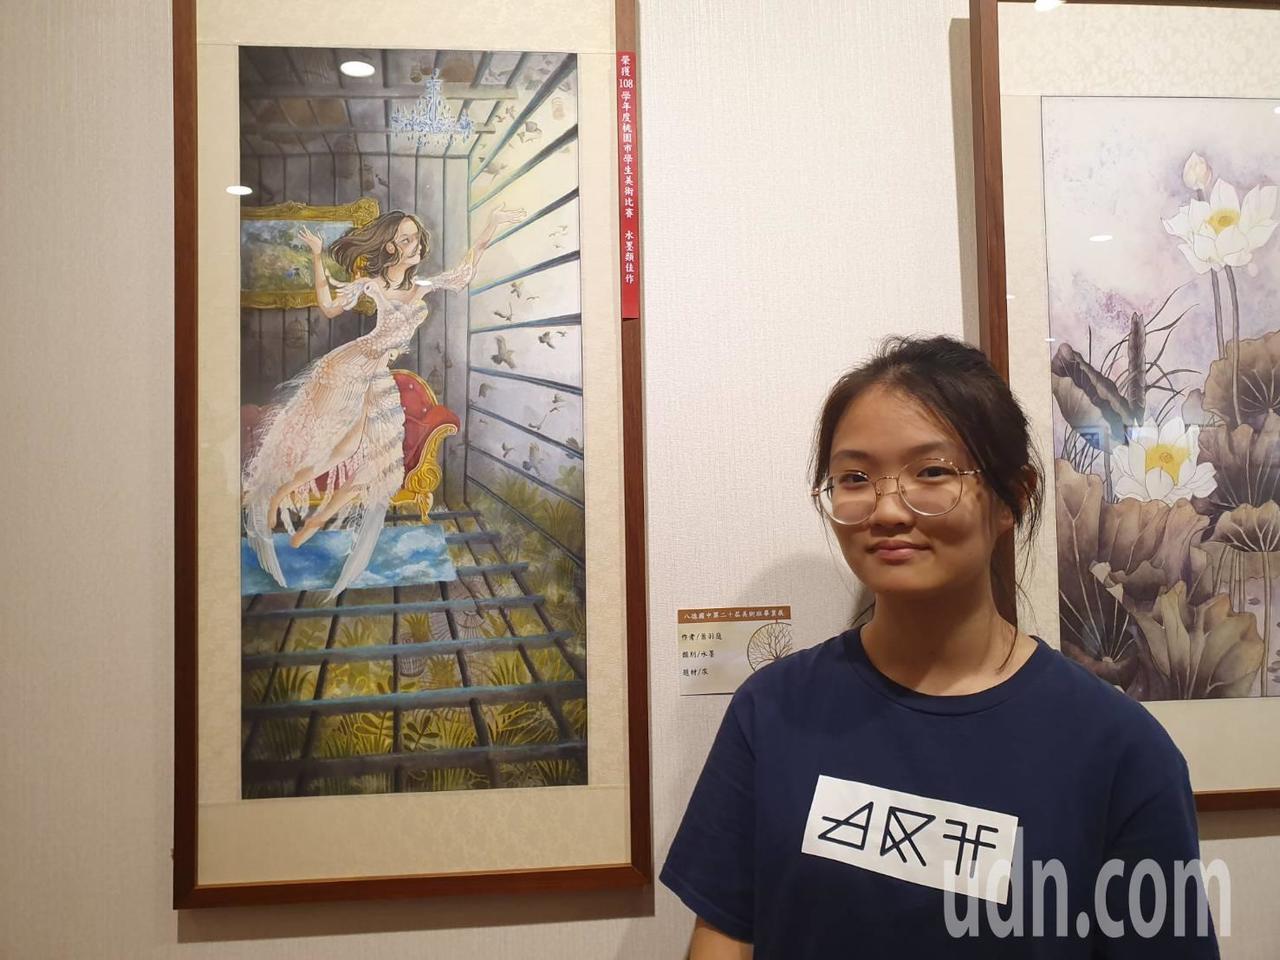 學生蕭羽庭作品「求」,表達自己在繪畫路上受到不少親朋好友的質疑,她把質疑聲浪描繪...